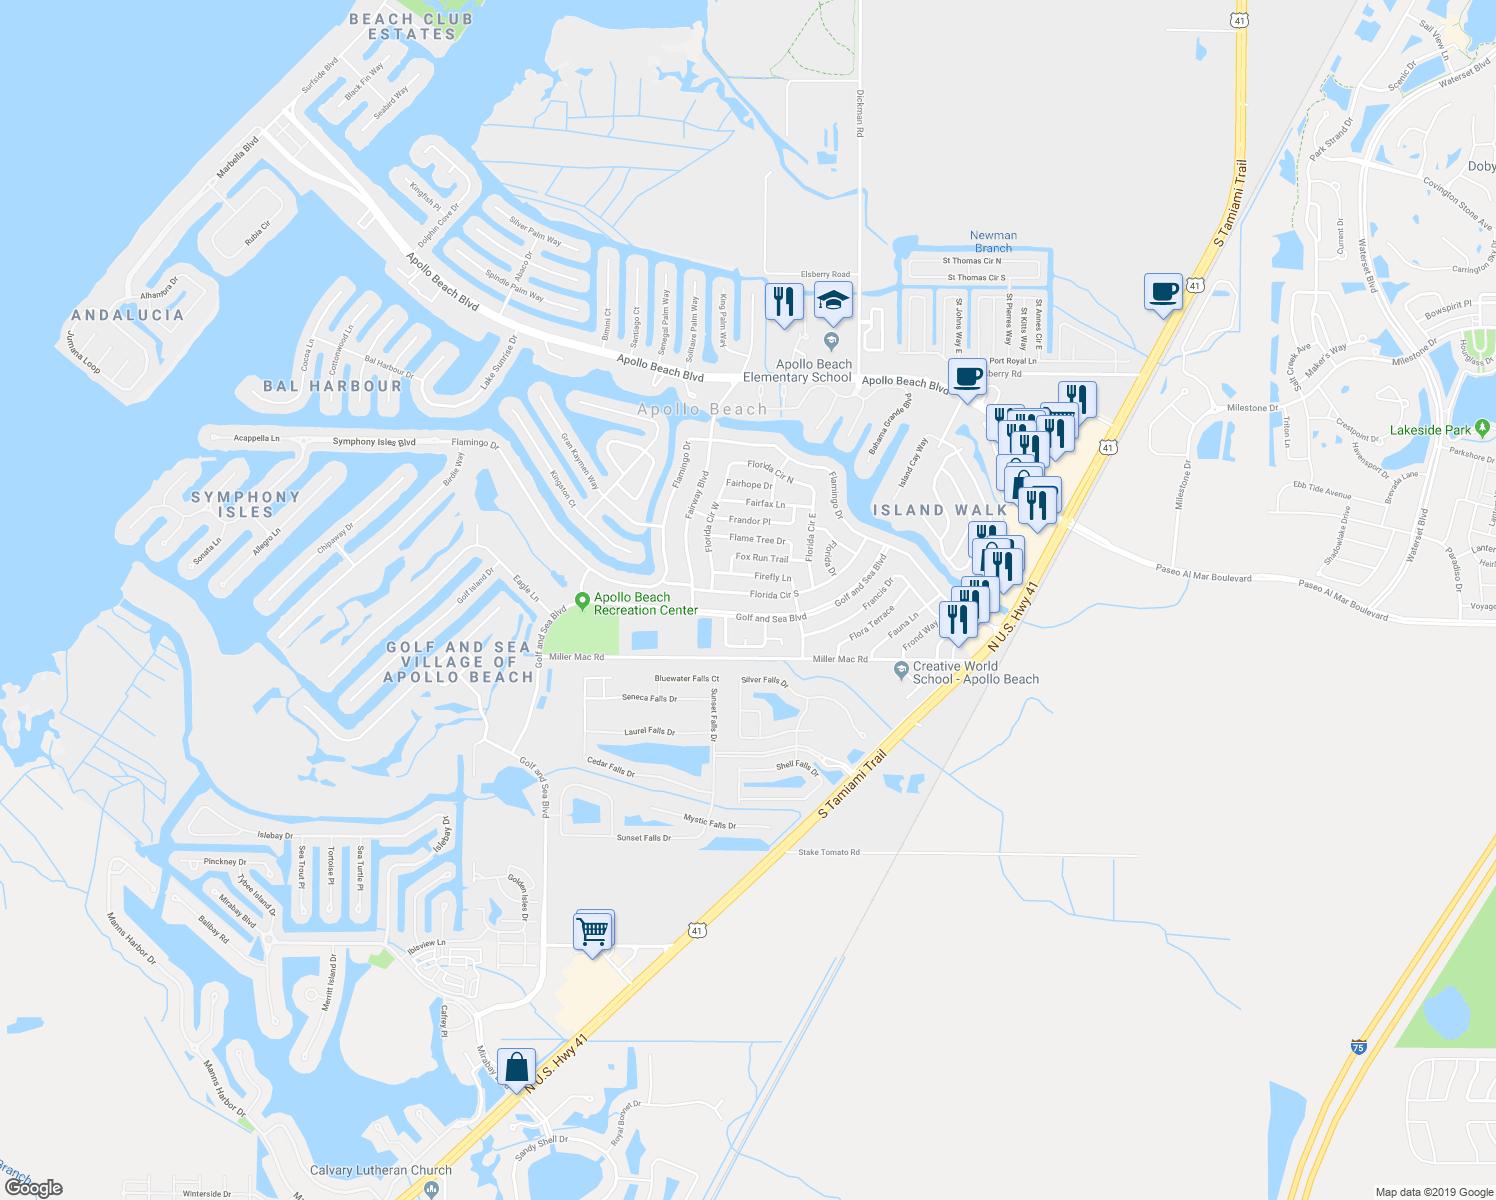 532 Florida Circle South, Apollo Beach Fl - Walk Score - Map Of Florida Showing Apollo Beach